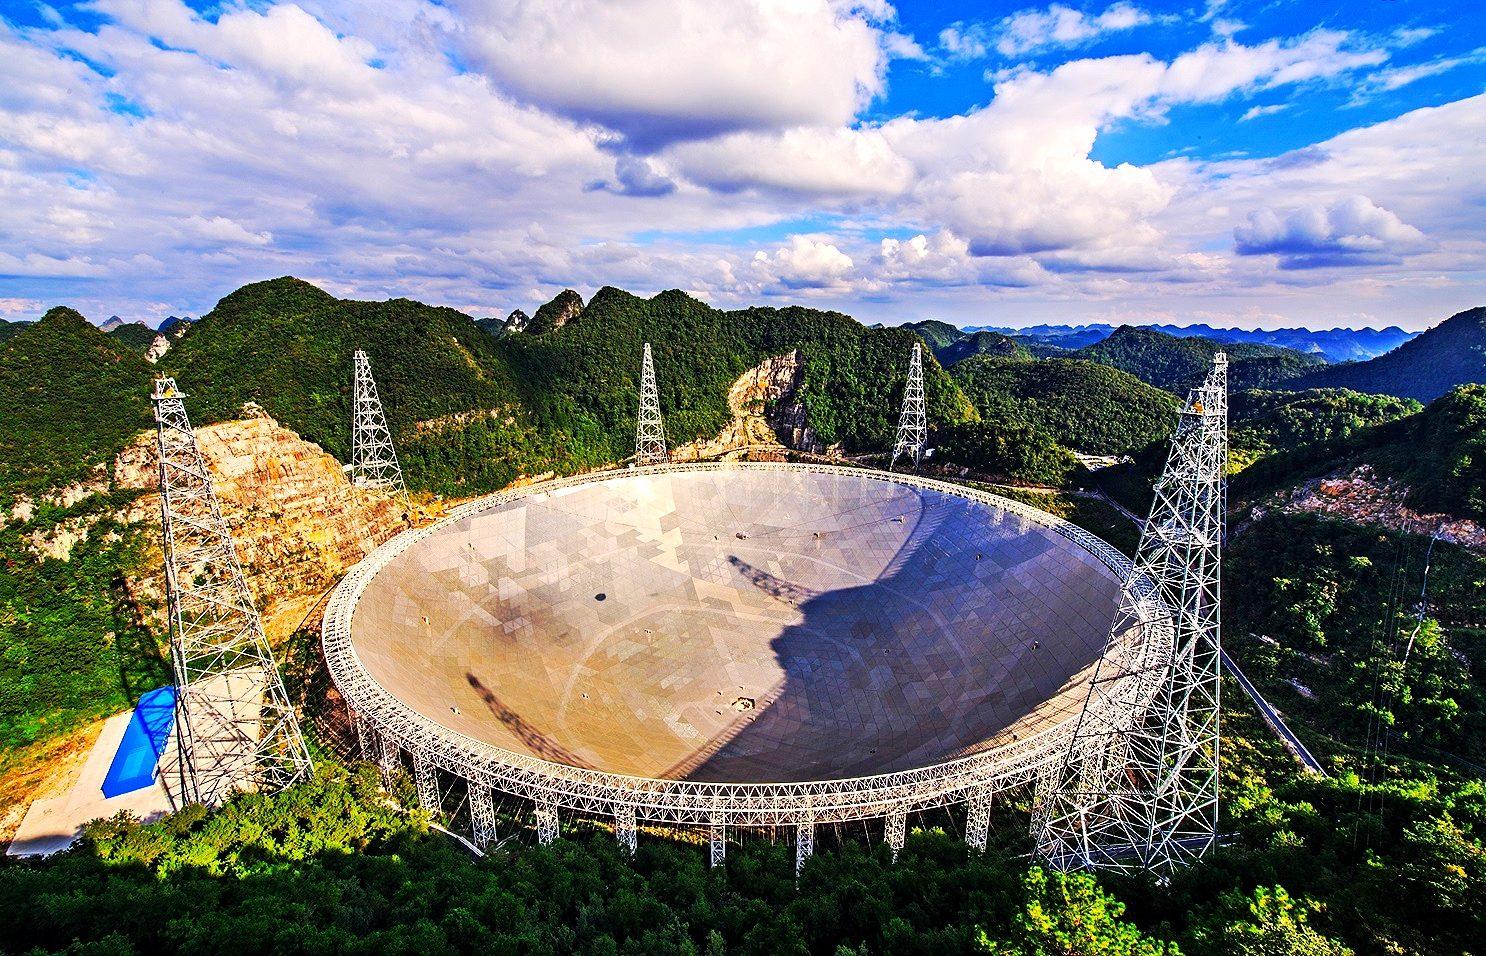 Позаземне життя існує? Китайський телескоп зафіксував космічні сигнали невідомого походження - телескоп, позаземне життя, Китай - 11 kytaj